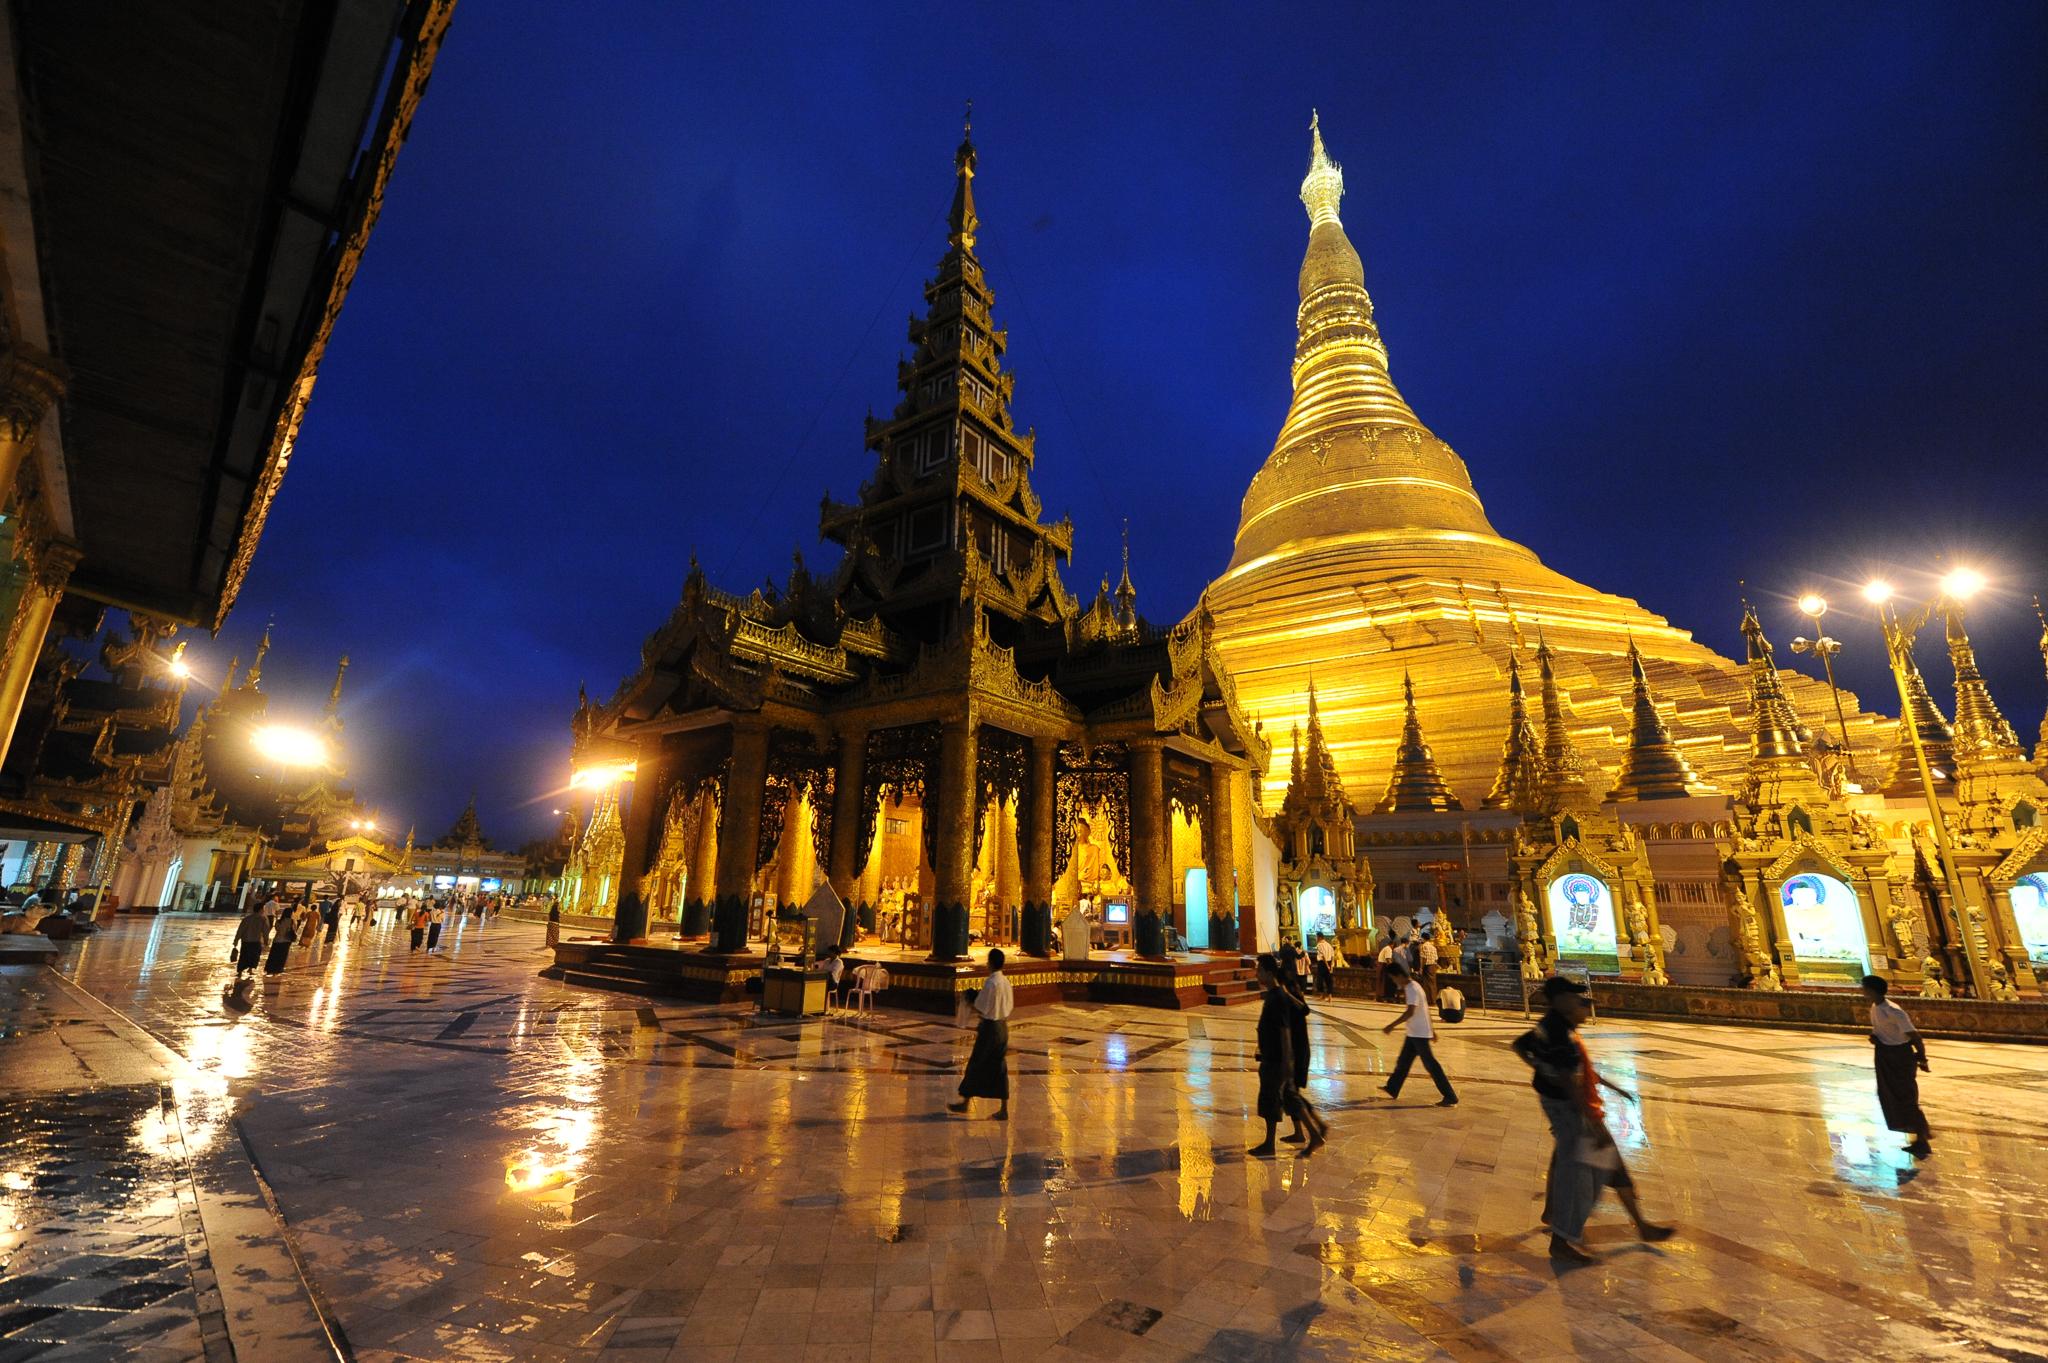 Schwedegon Pagoda